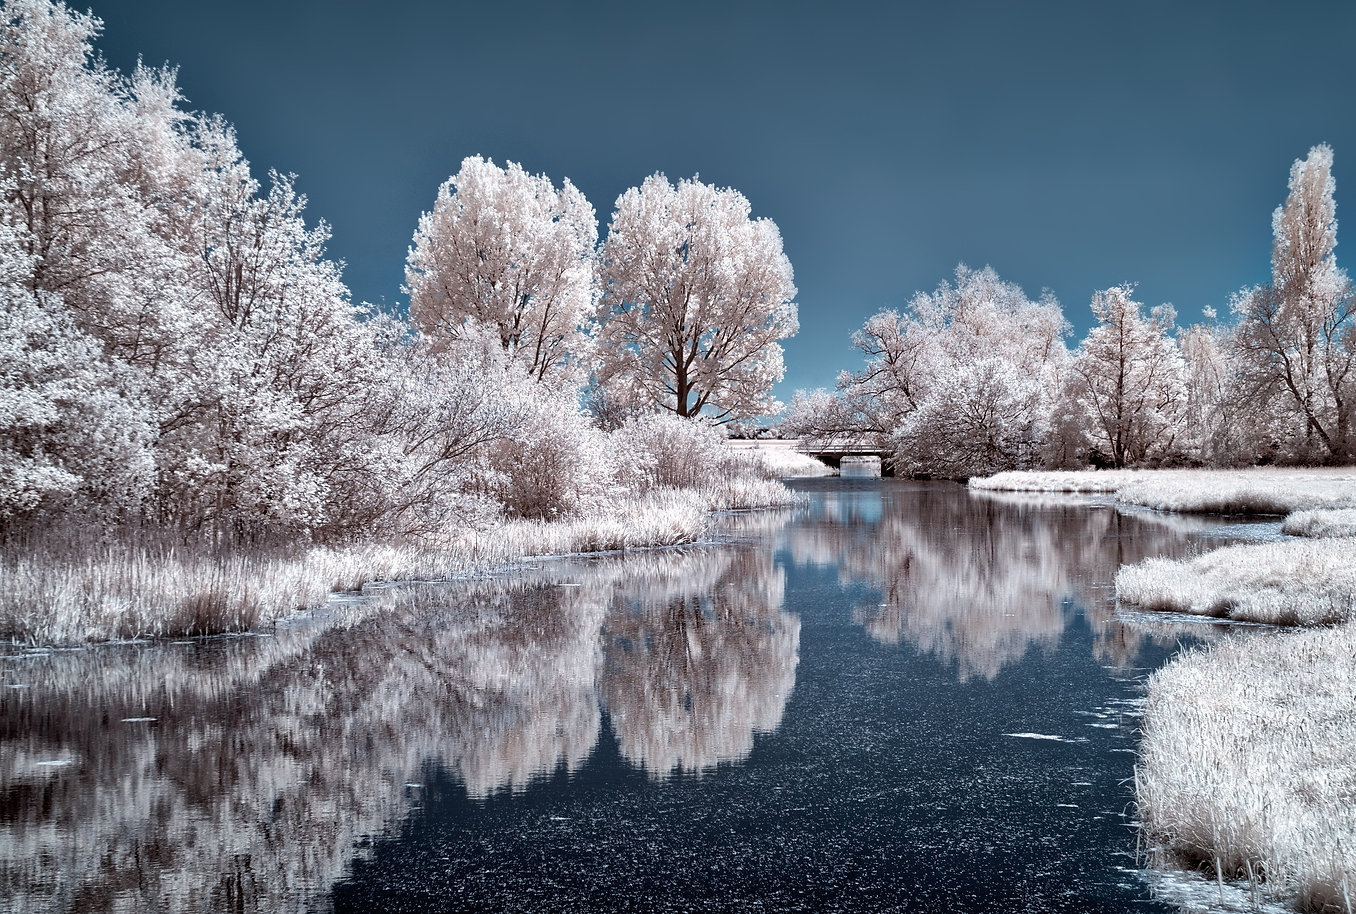 ice-lake-frozen-trees-4k-g5.jpg